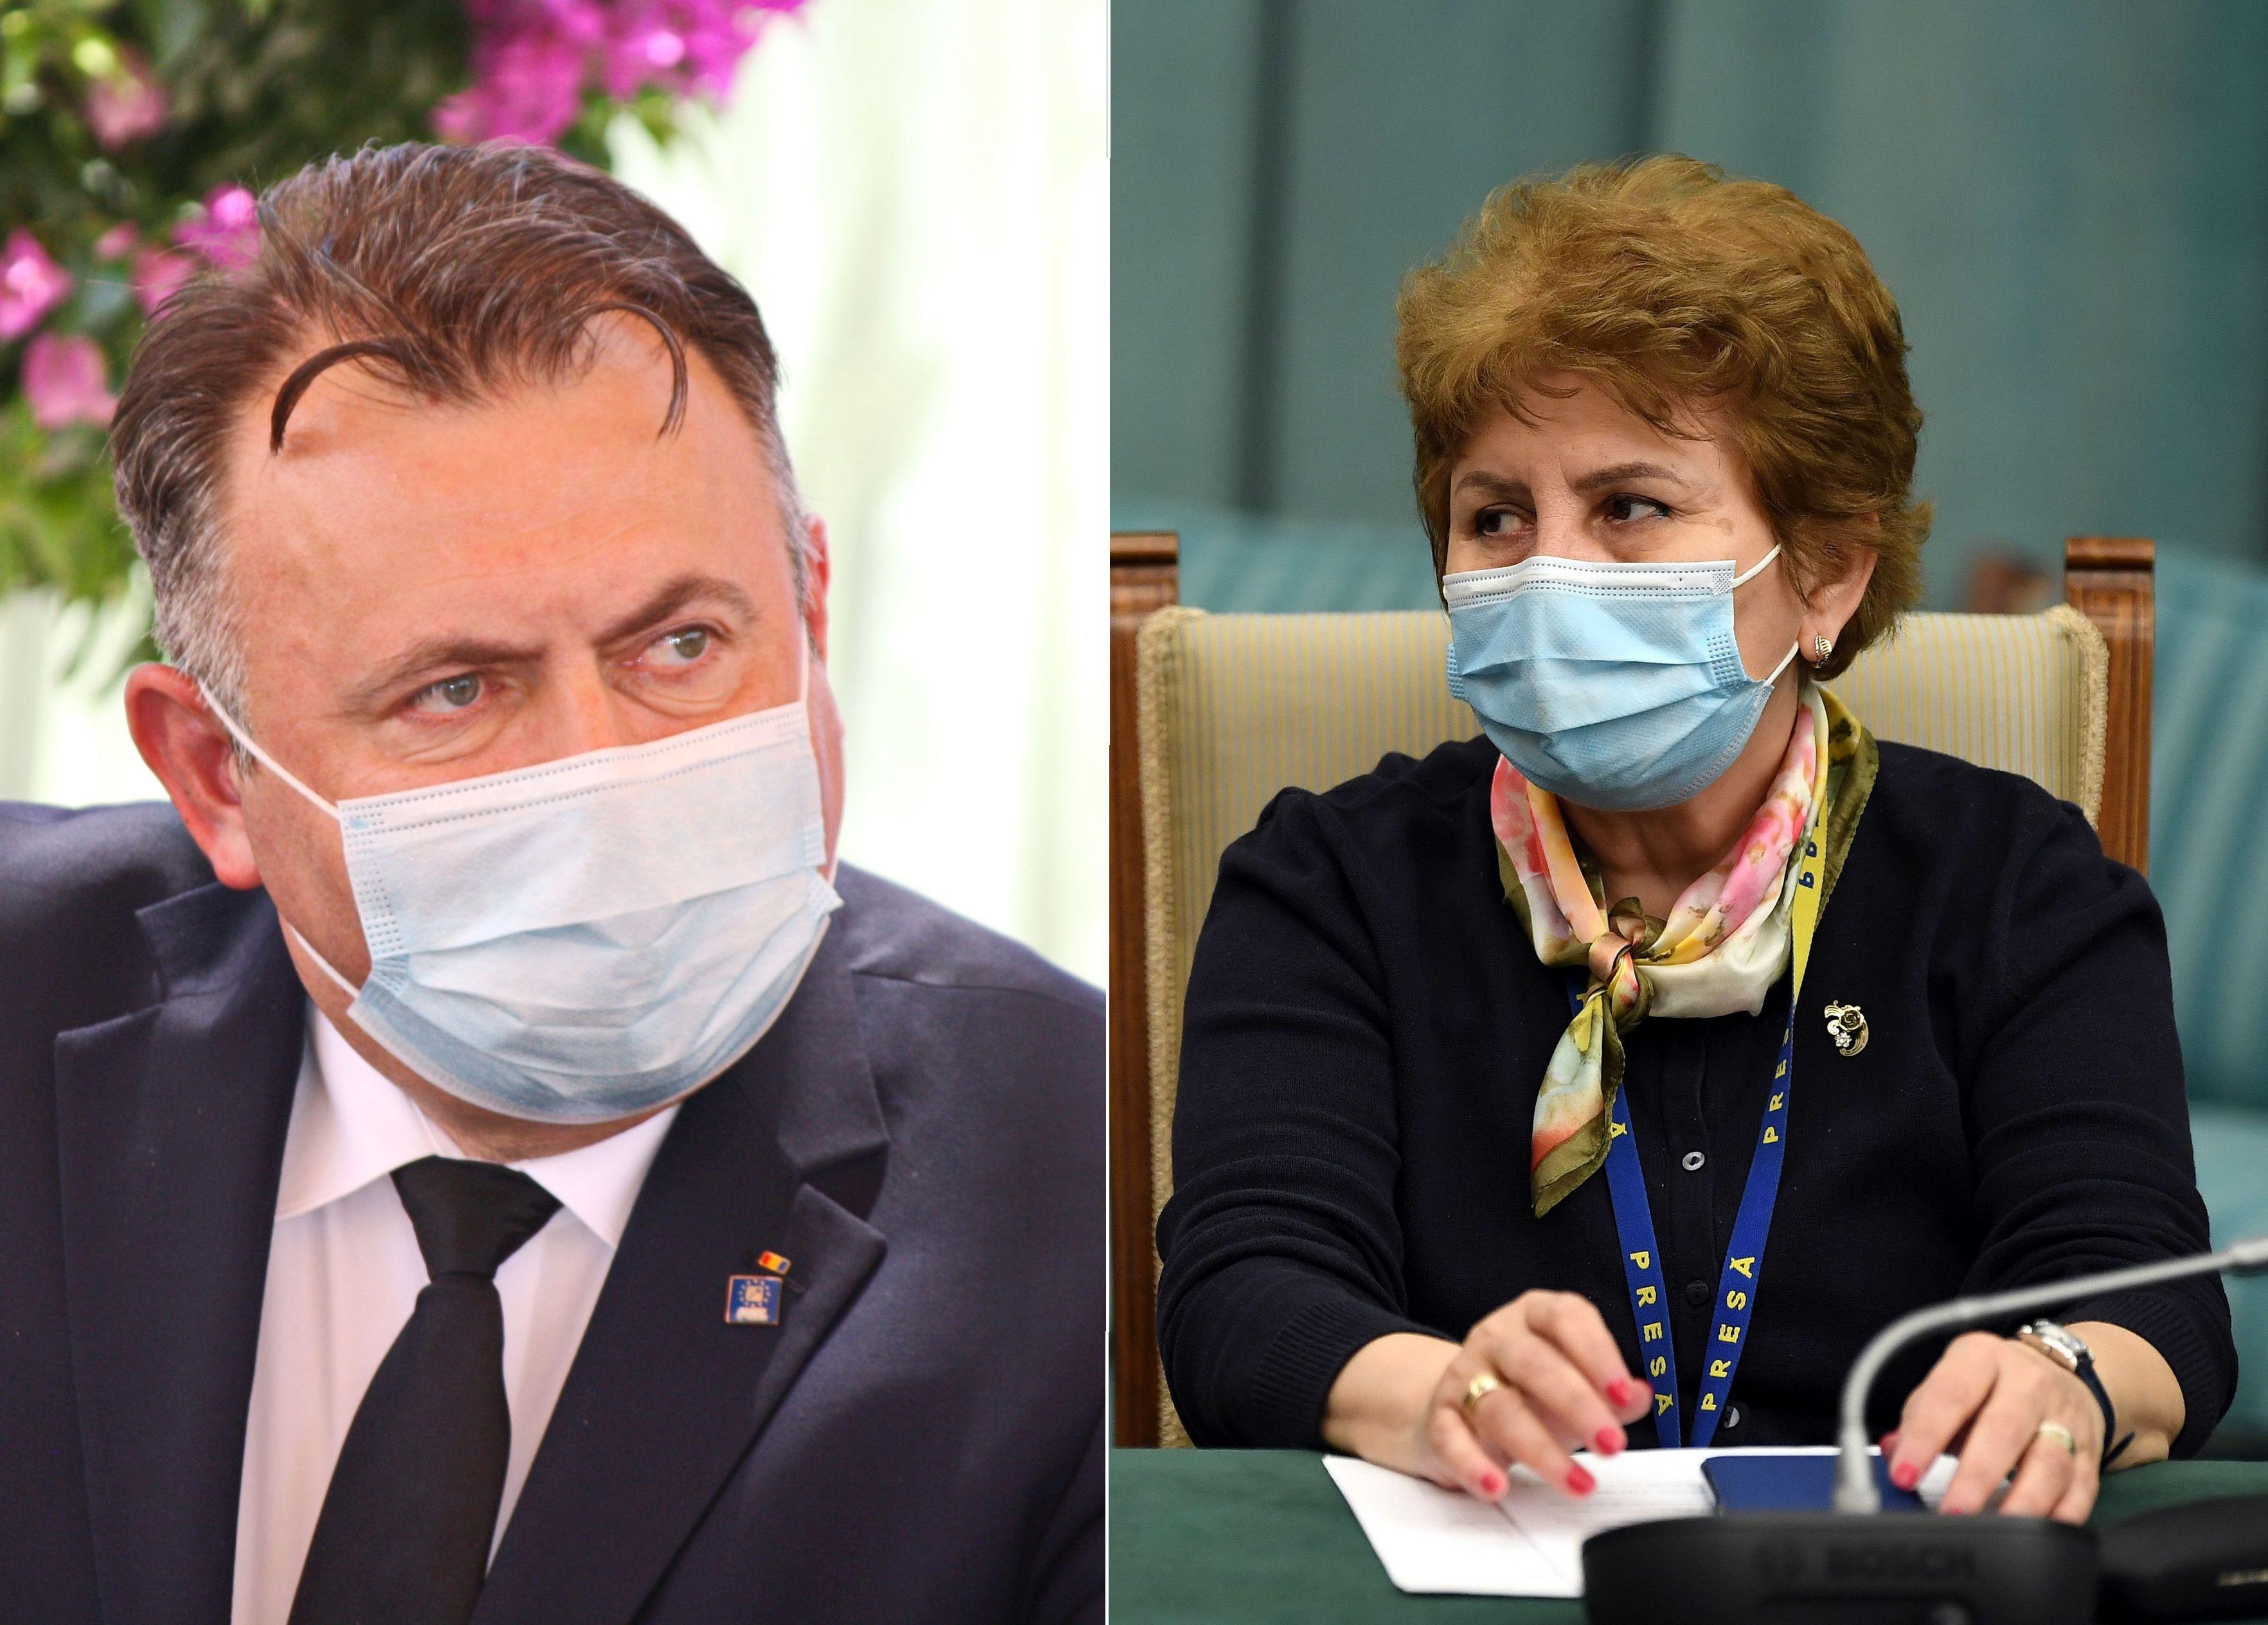 Design-ul acestui sistem de raportare în care DSP-urile au trecut peste decizia medicală a fost realizat în mandatul ministrului Nelu Tătaru, iar responsabilitatea de coordonare a statisticii îi aparține Institutului Național de Sănătate Publică, condus de Adriana Pistol